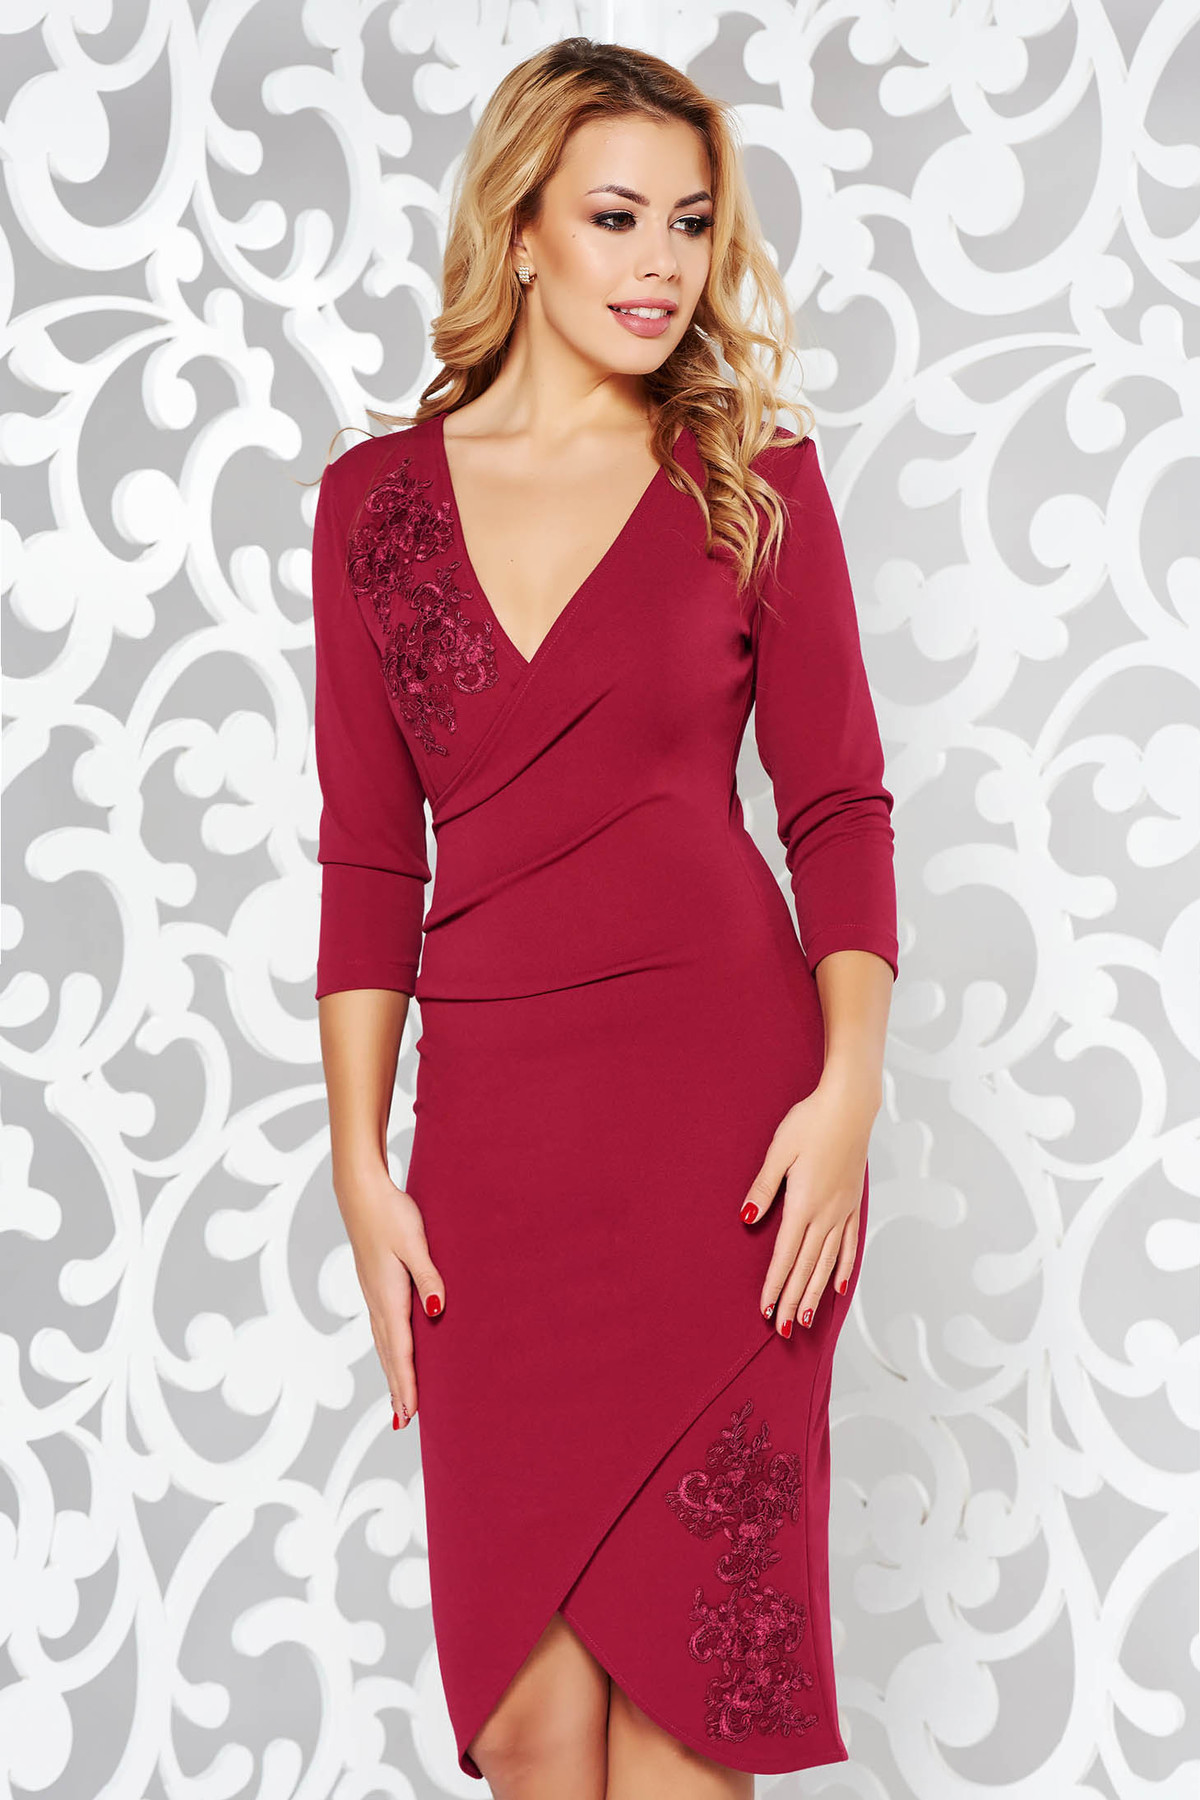 a4a9e57d84 Burgundy StarShinerS elegáns ruha szűk szabás csipke díszítéssel vékony,  rugalmas szövet